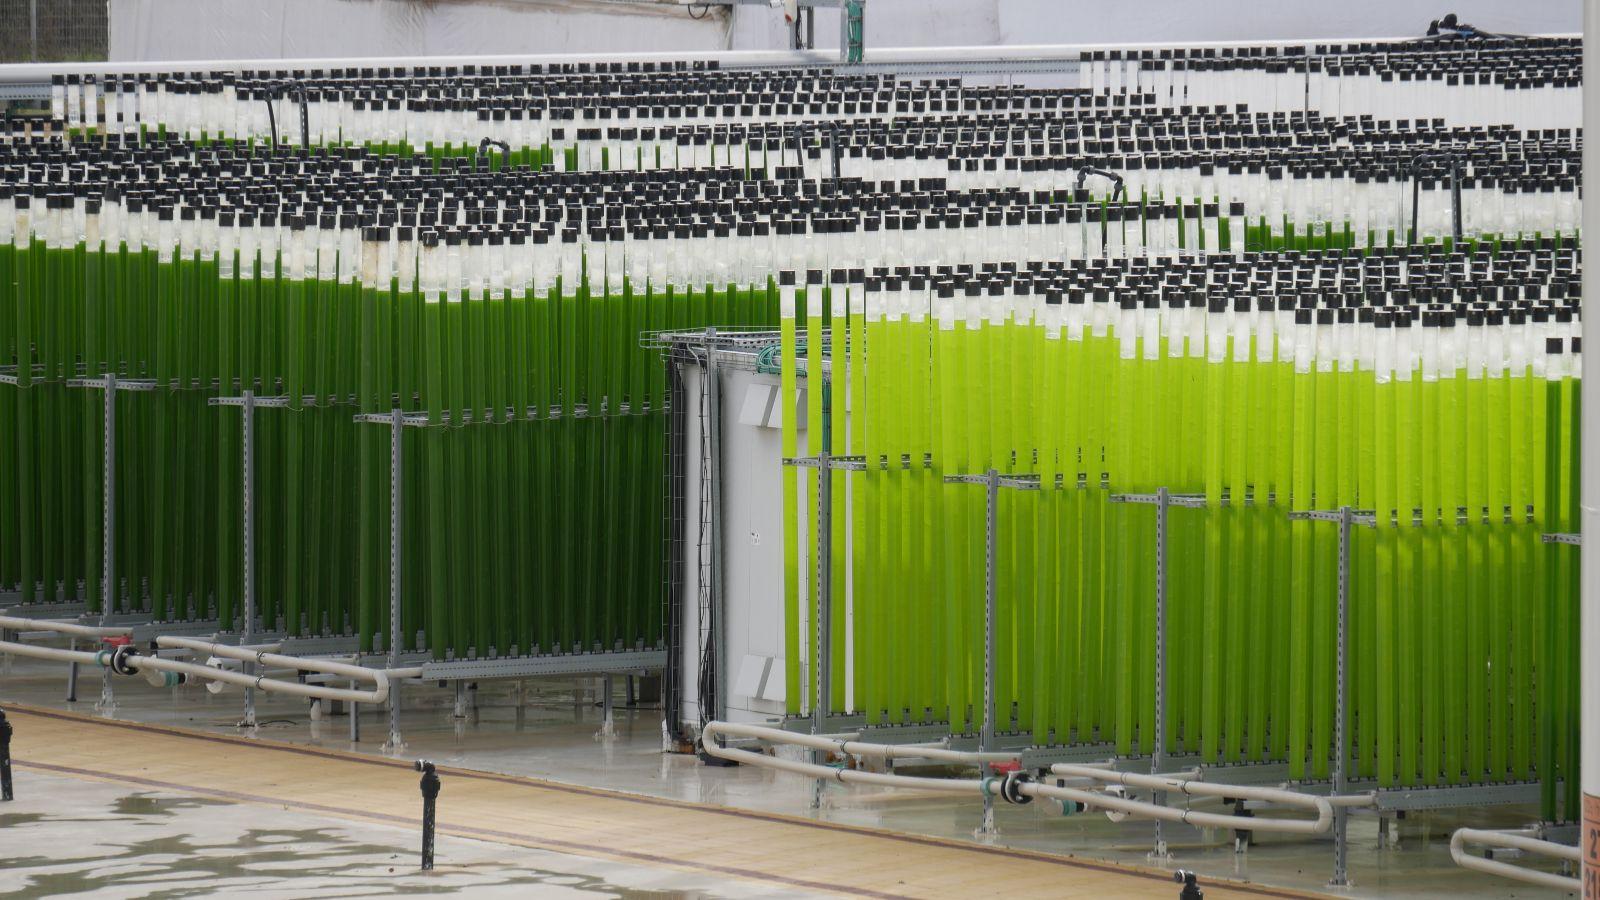 Eine Batterie an Algenbioreaktoren steht aufgereiht auf einem regennassen Hof vor einem großen weißen Zelt.